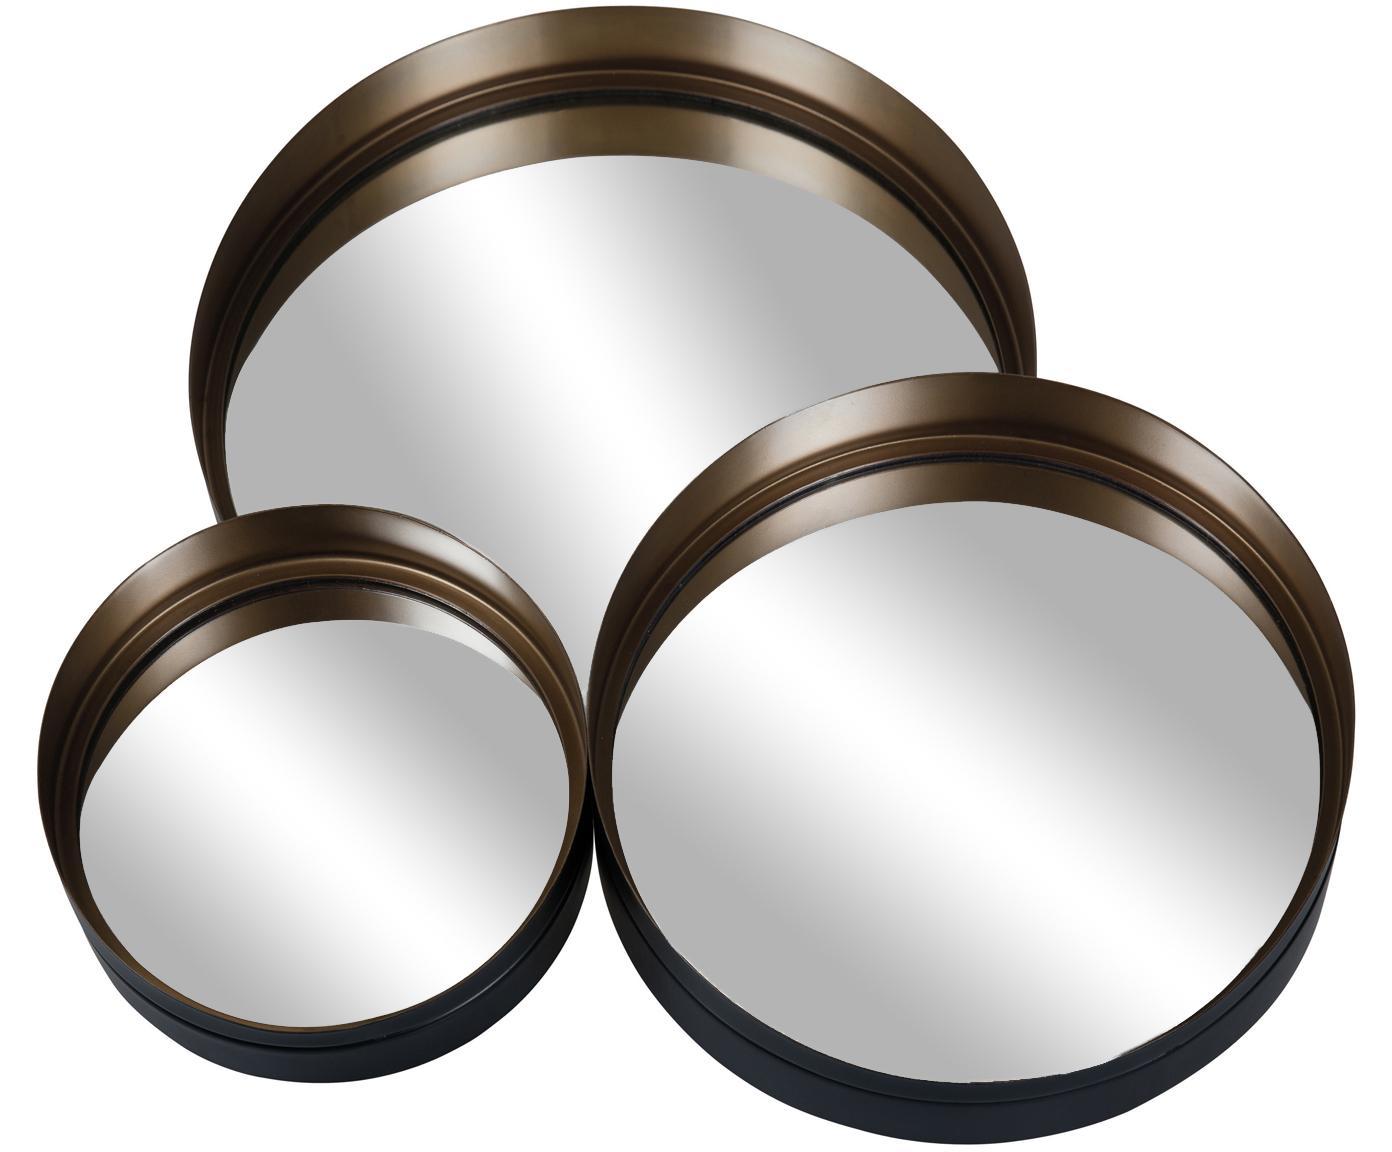 Komplet okrągłych luster ściennych Dolce, 3 elem., Czarny, odcienie mosiężnego, Różne rozmiary